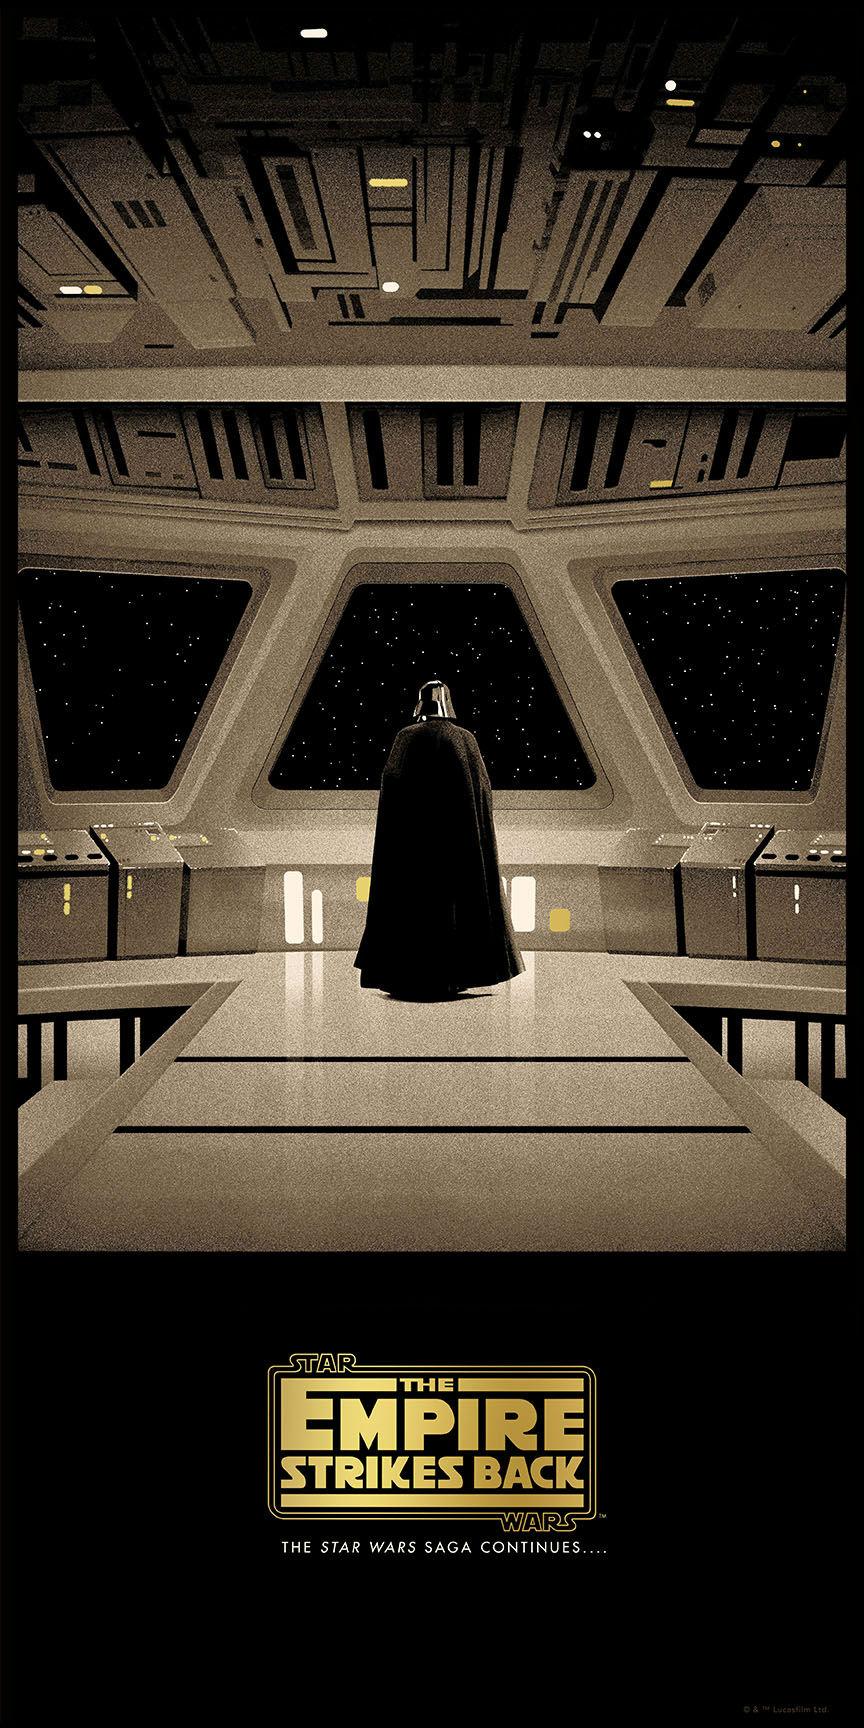 sensational-original-star-wars-trilogy-art-by-matt-ferguson4